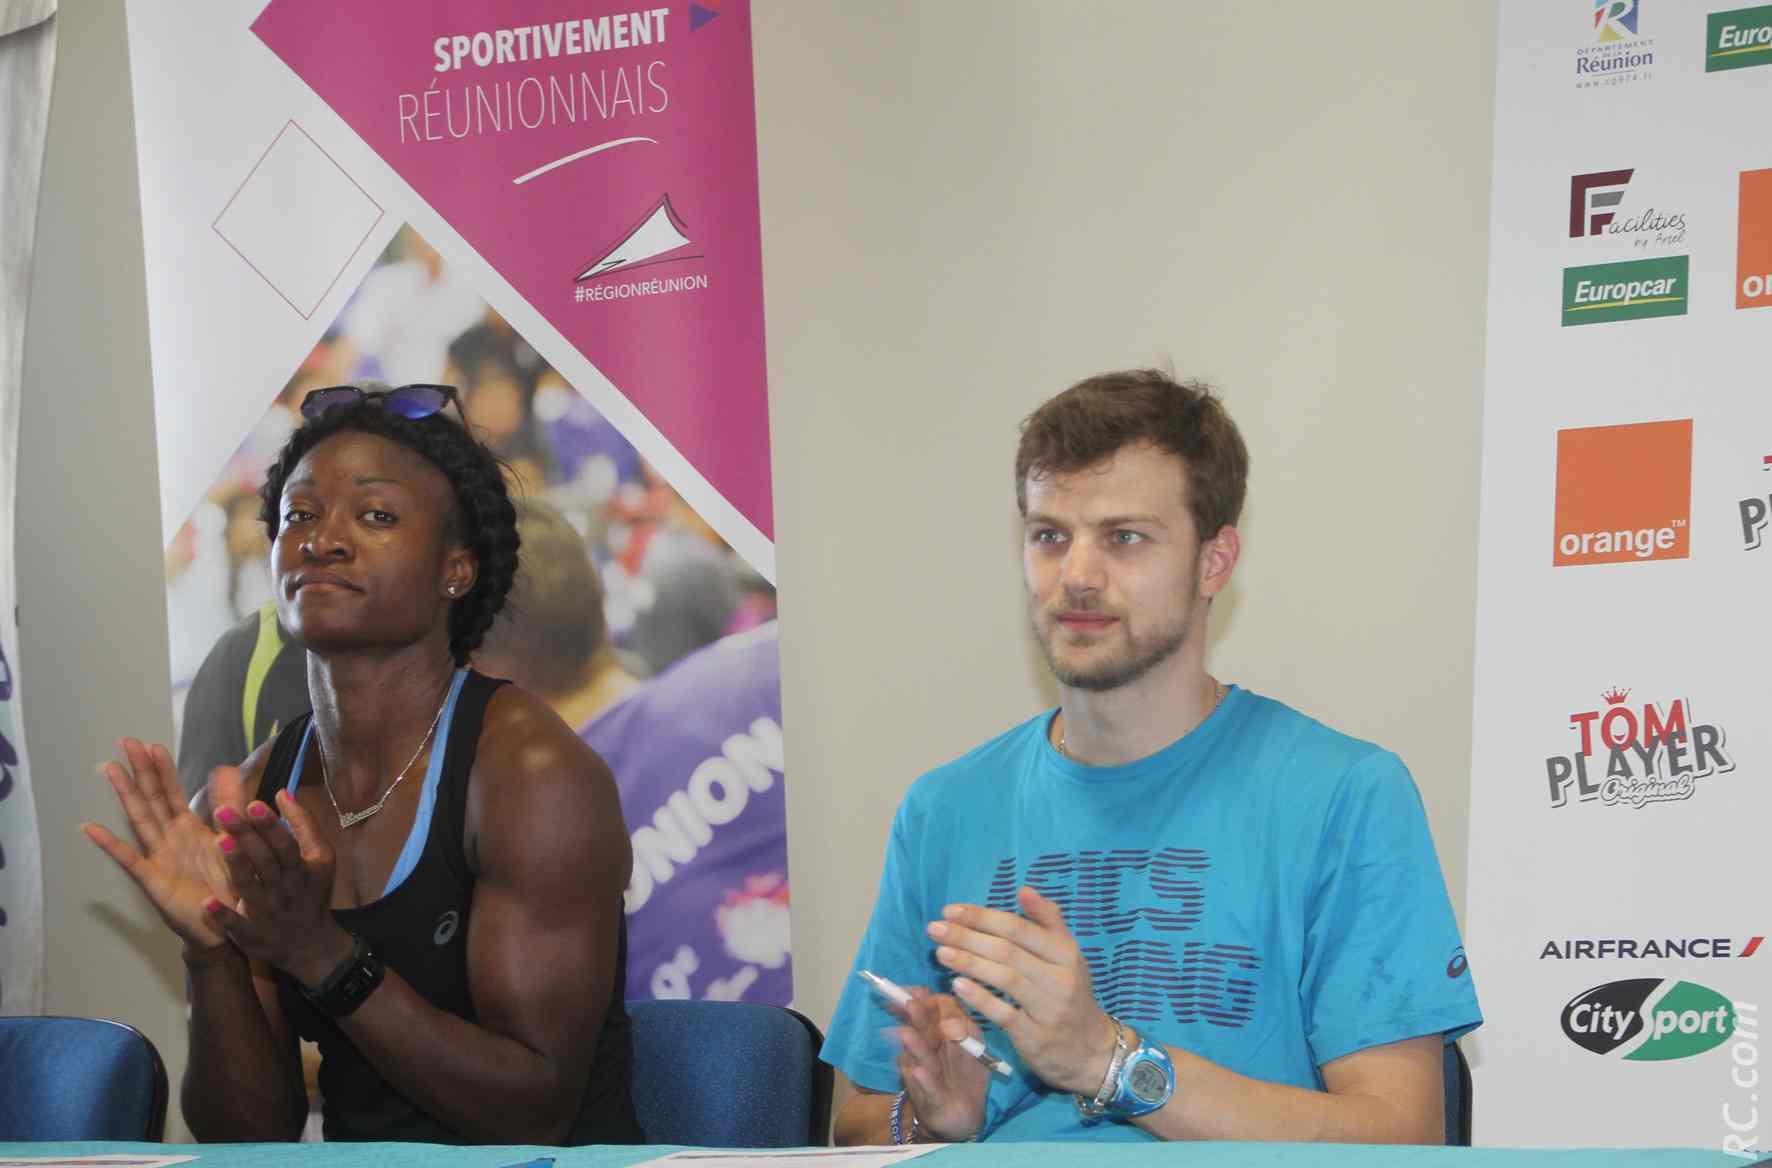 Antoinette Nana Djimou, spécialiste de l'heptathlon et du pentathlon. Elle sera sur le 200m, la hauteur et le poids. Christophe Lemaître applaudit déjà des deux mains